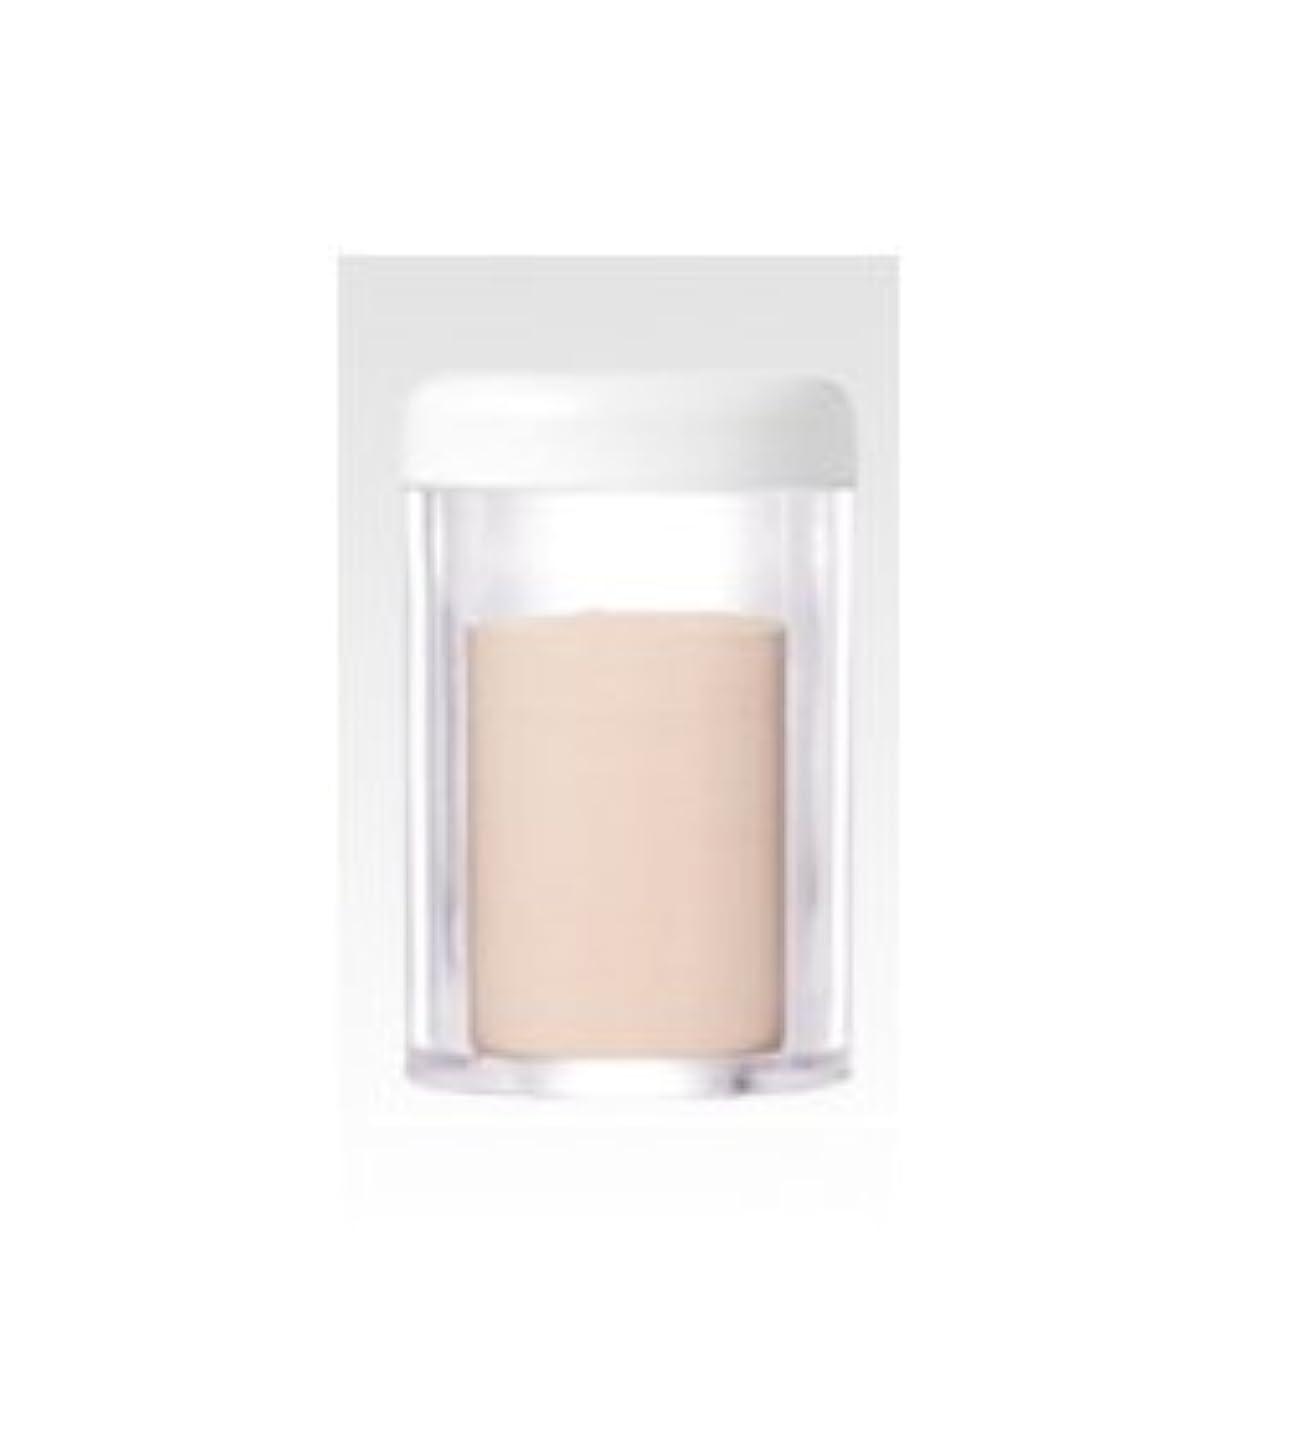 スプーン感じジャズゲマイン UVパウダーリフィル(詰替用) /6g(全2色) SPF50+ / PA+++【ナチュラルライト】